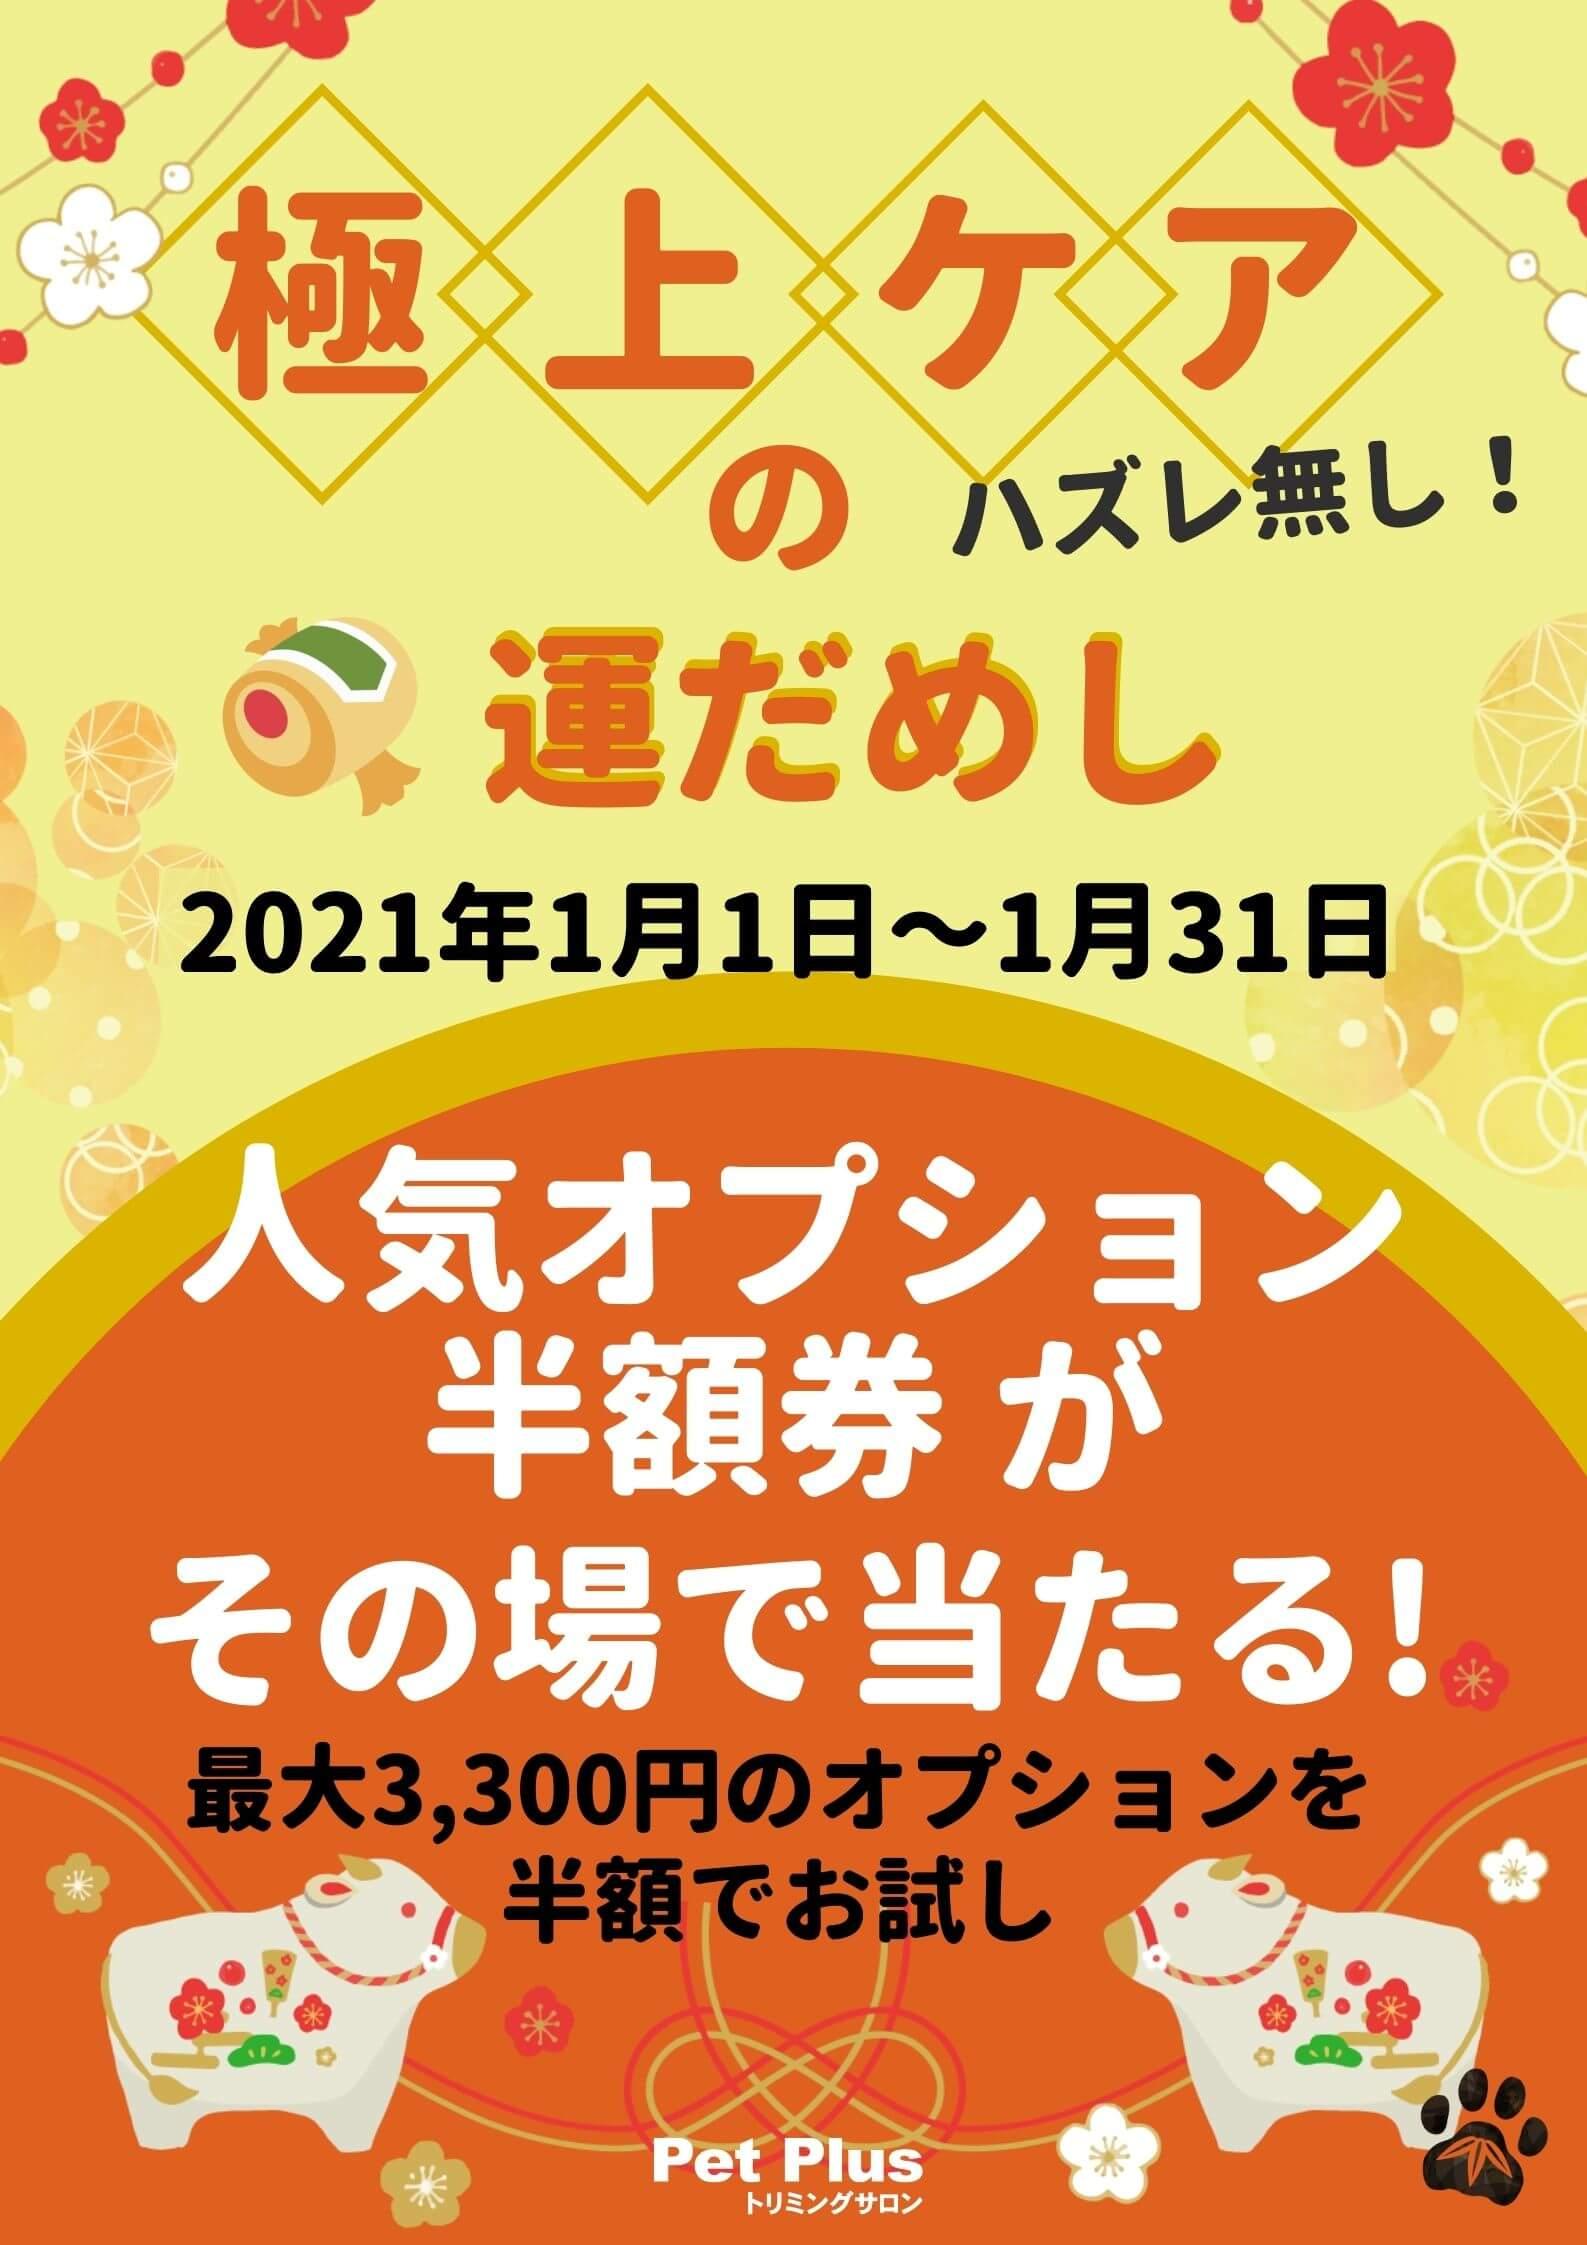 1月1日~1月31日開催 極上ケアの運だめしキャンペーン!!